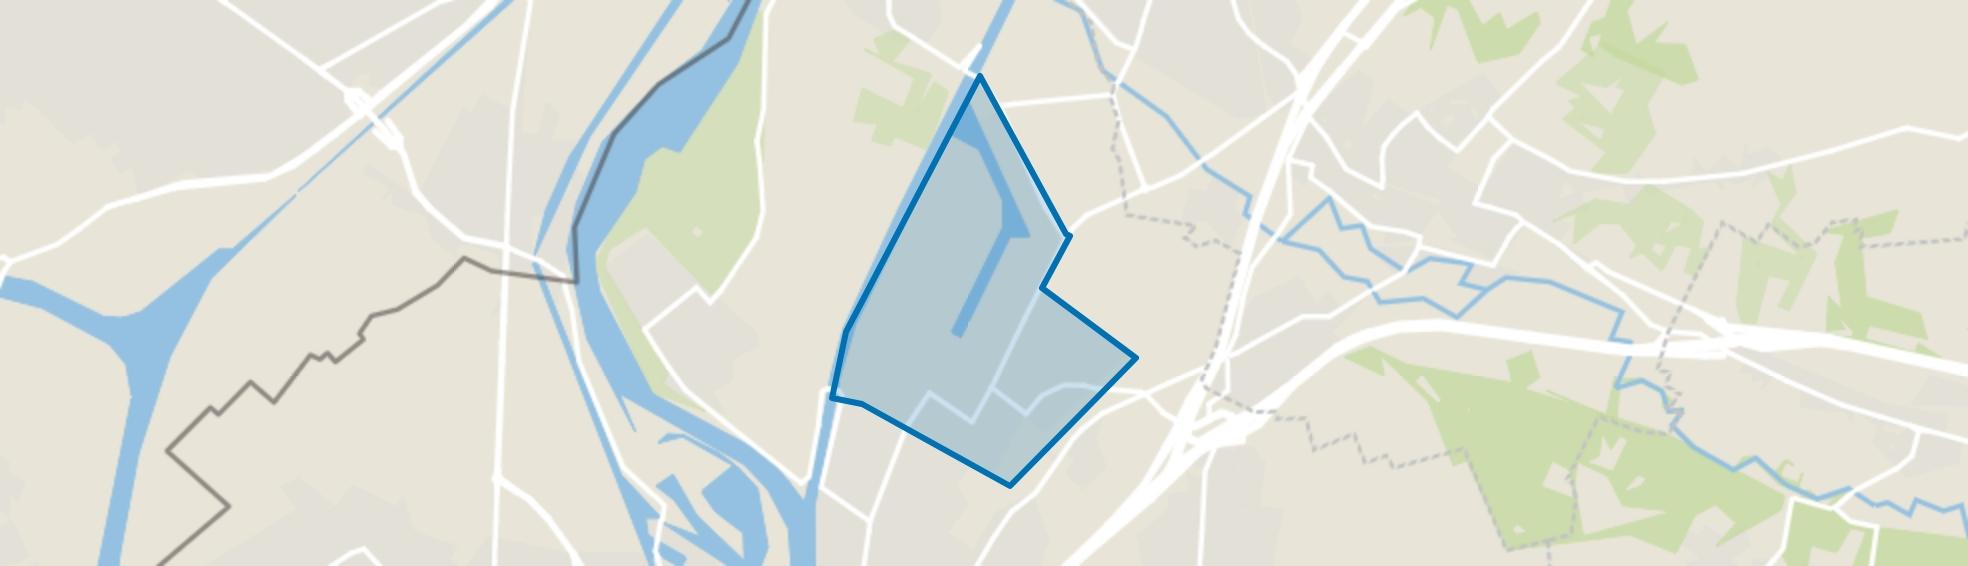 Beatrixhaven, Maastricht map